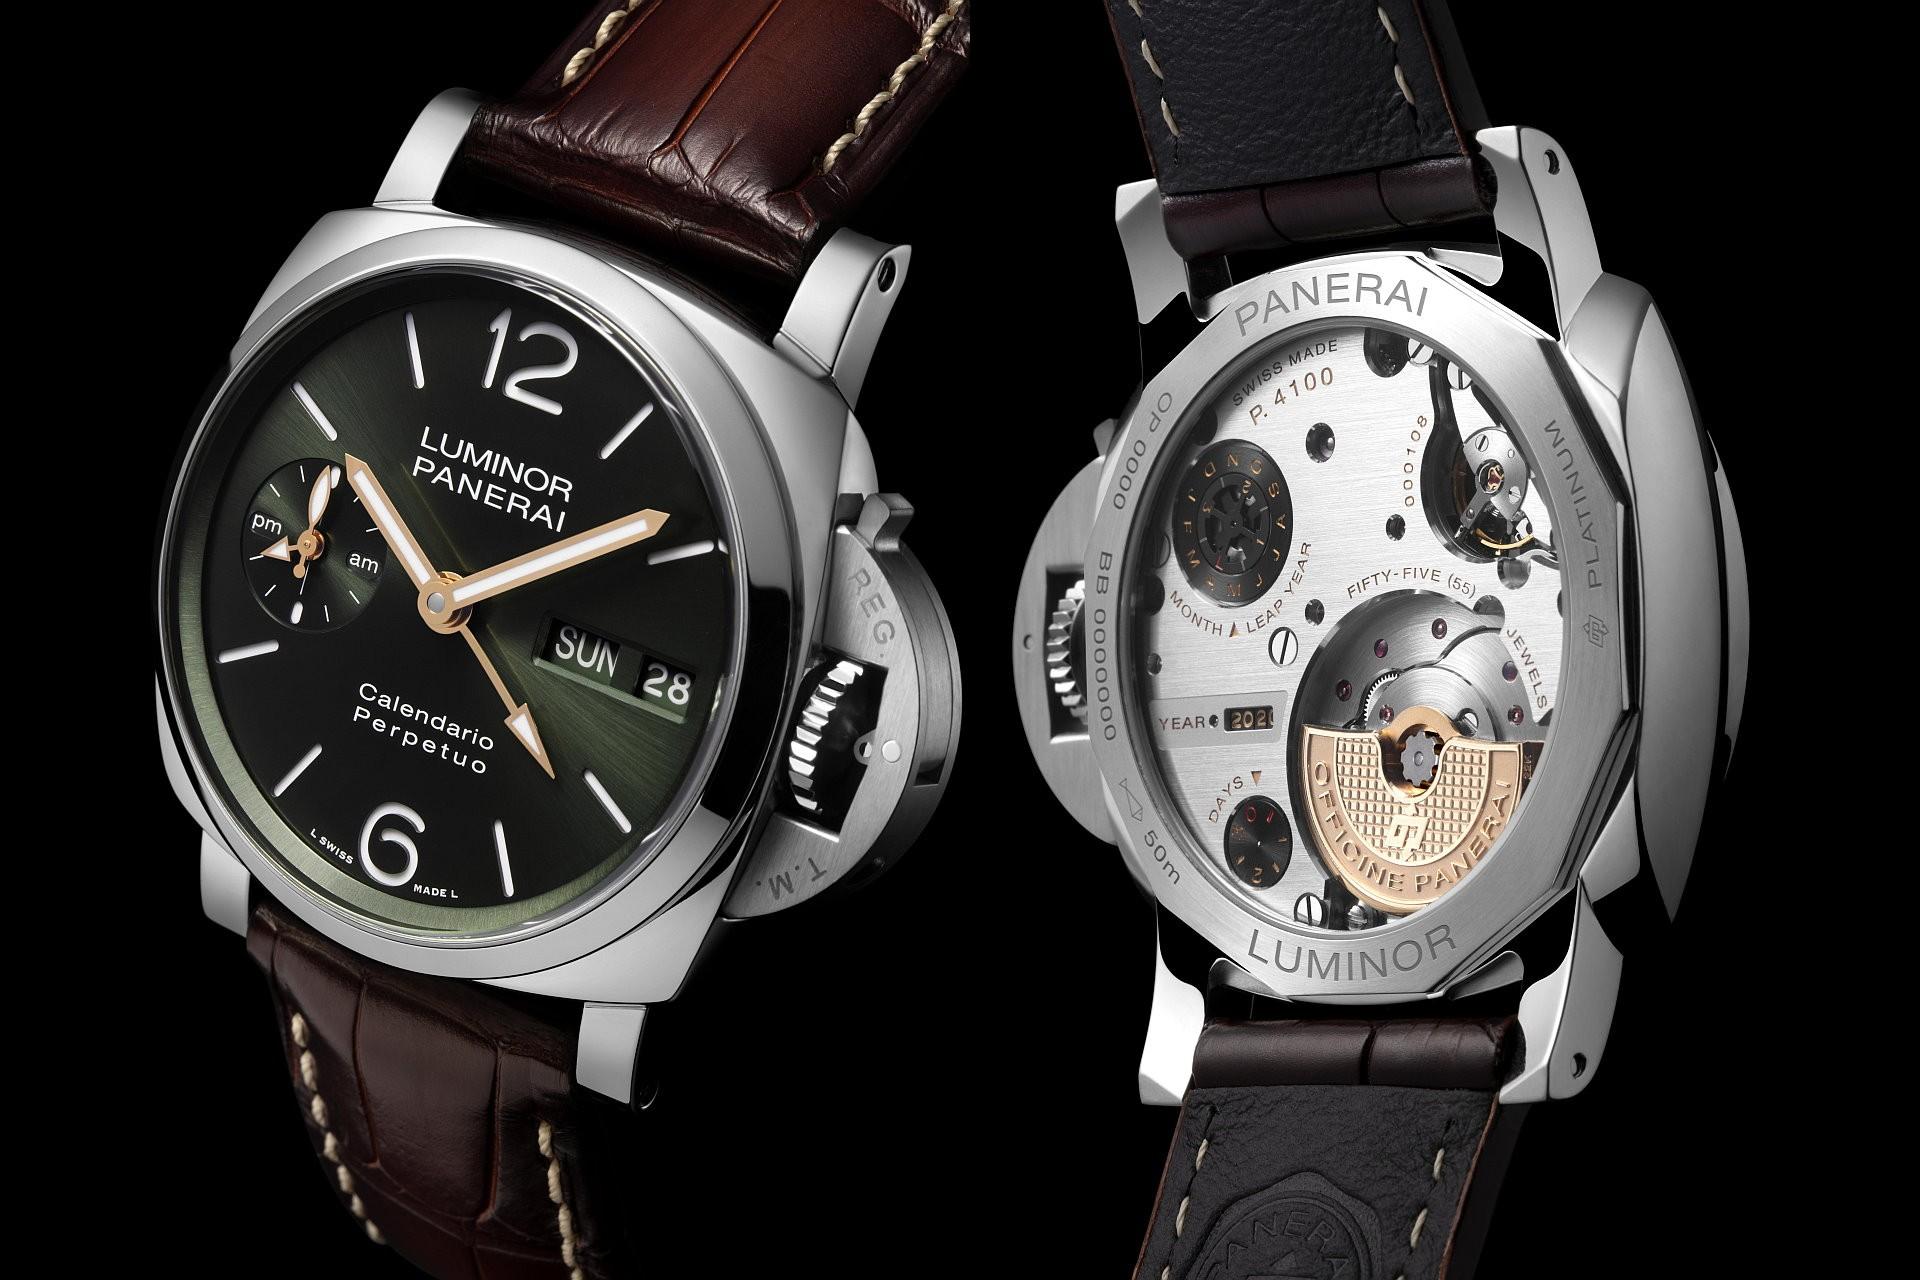 複雜功能又一主角上場,沛納海首度推出 Luminor 萬年曆腕錶 PAM00715與PAM00742